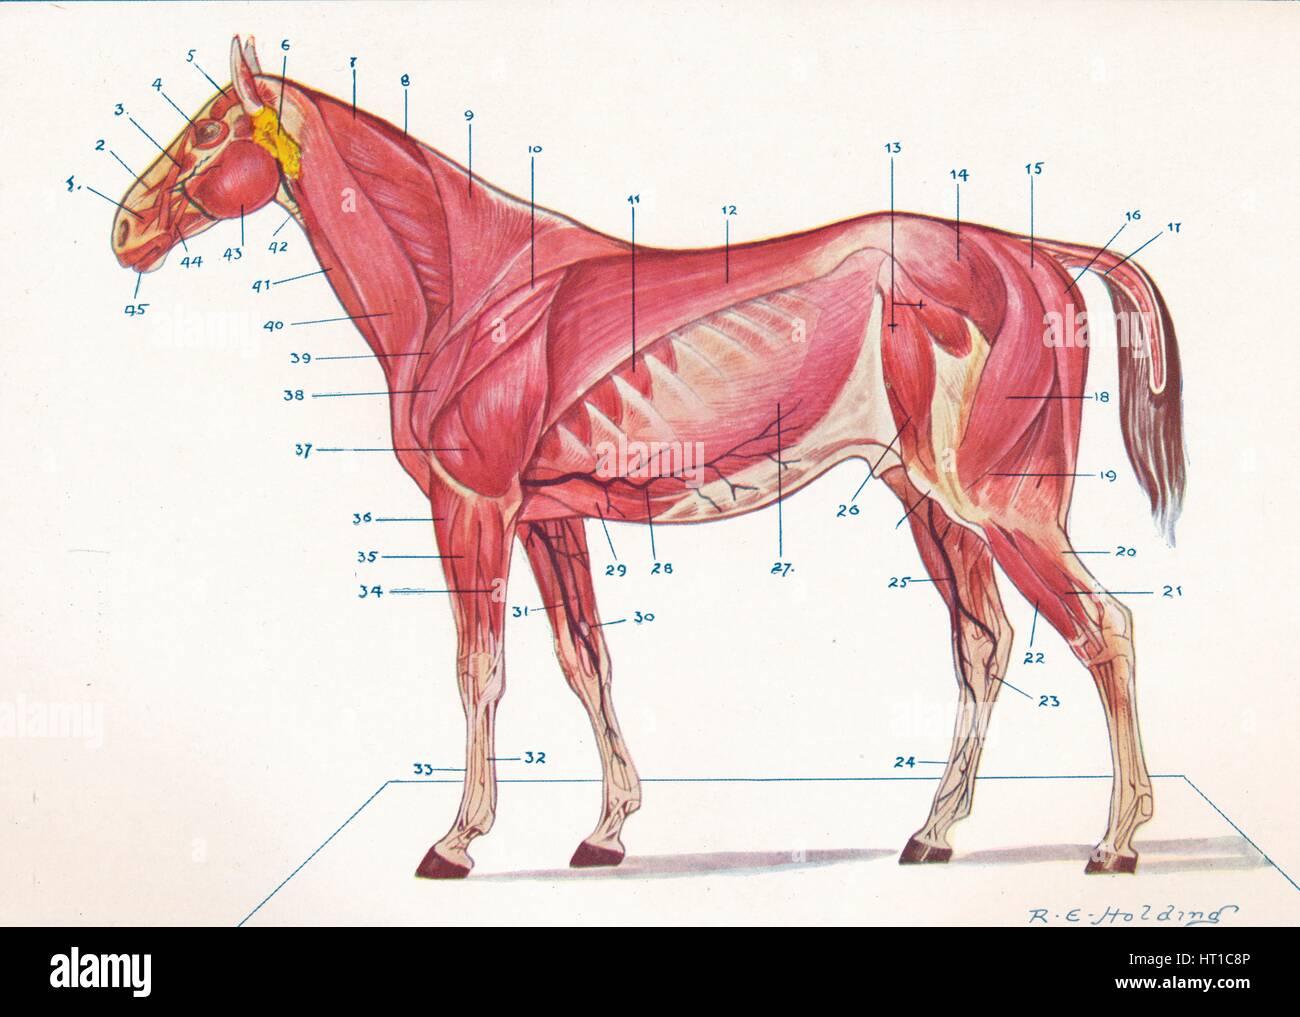 Oberflächlichen Muskeln, Sehnen, etc. eines Pferdes, c1907 (c1910 ...